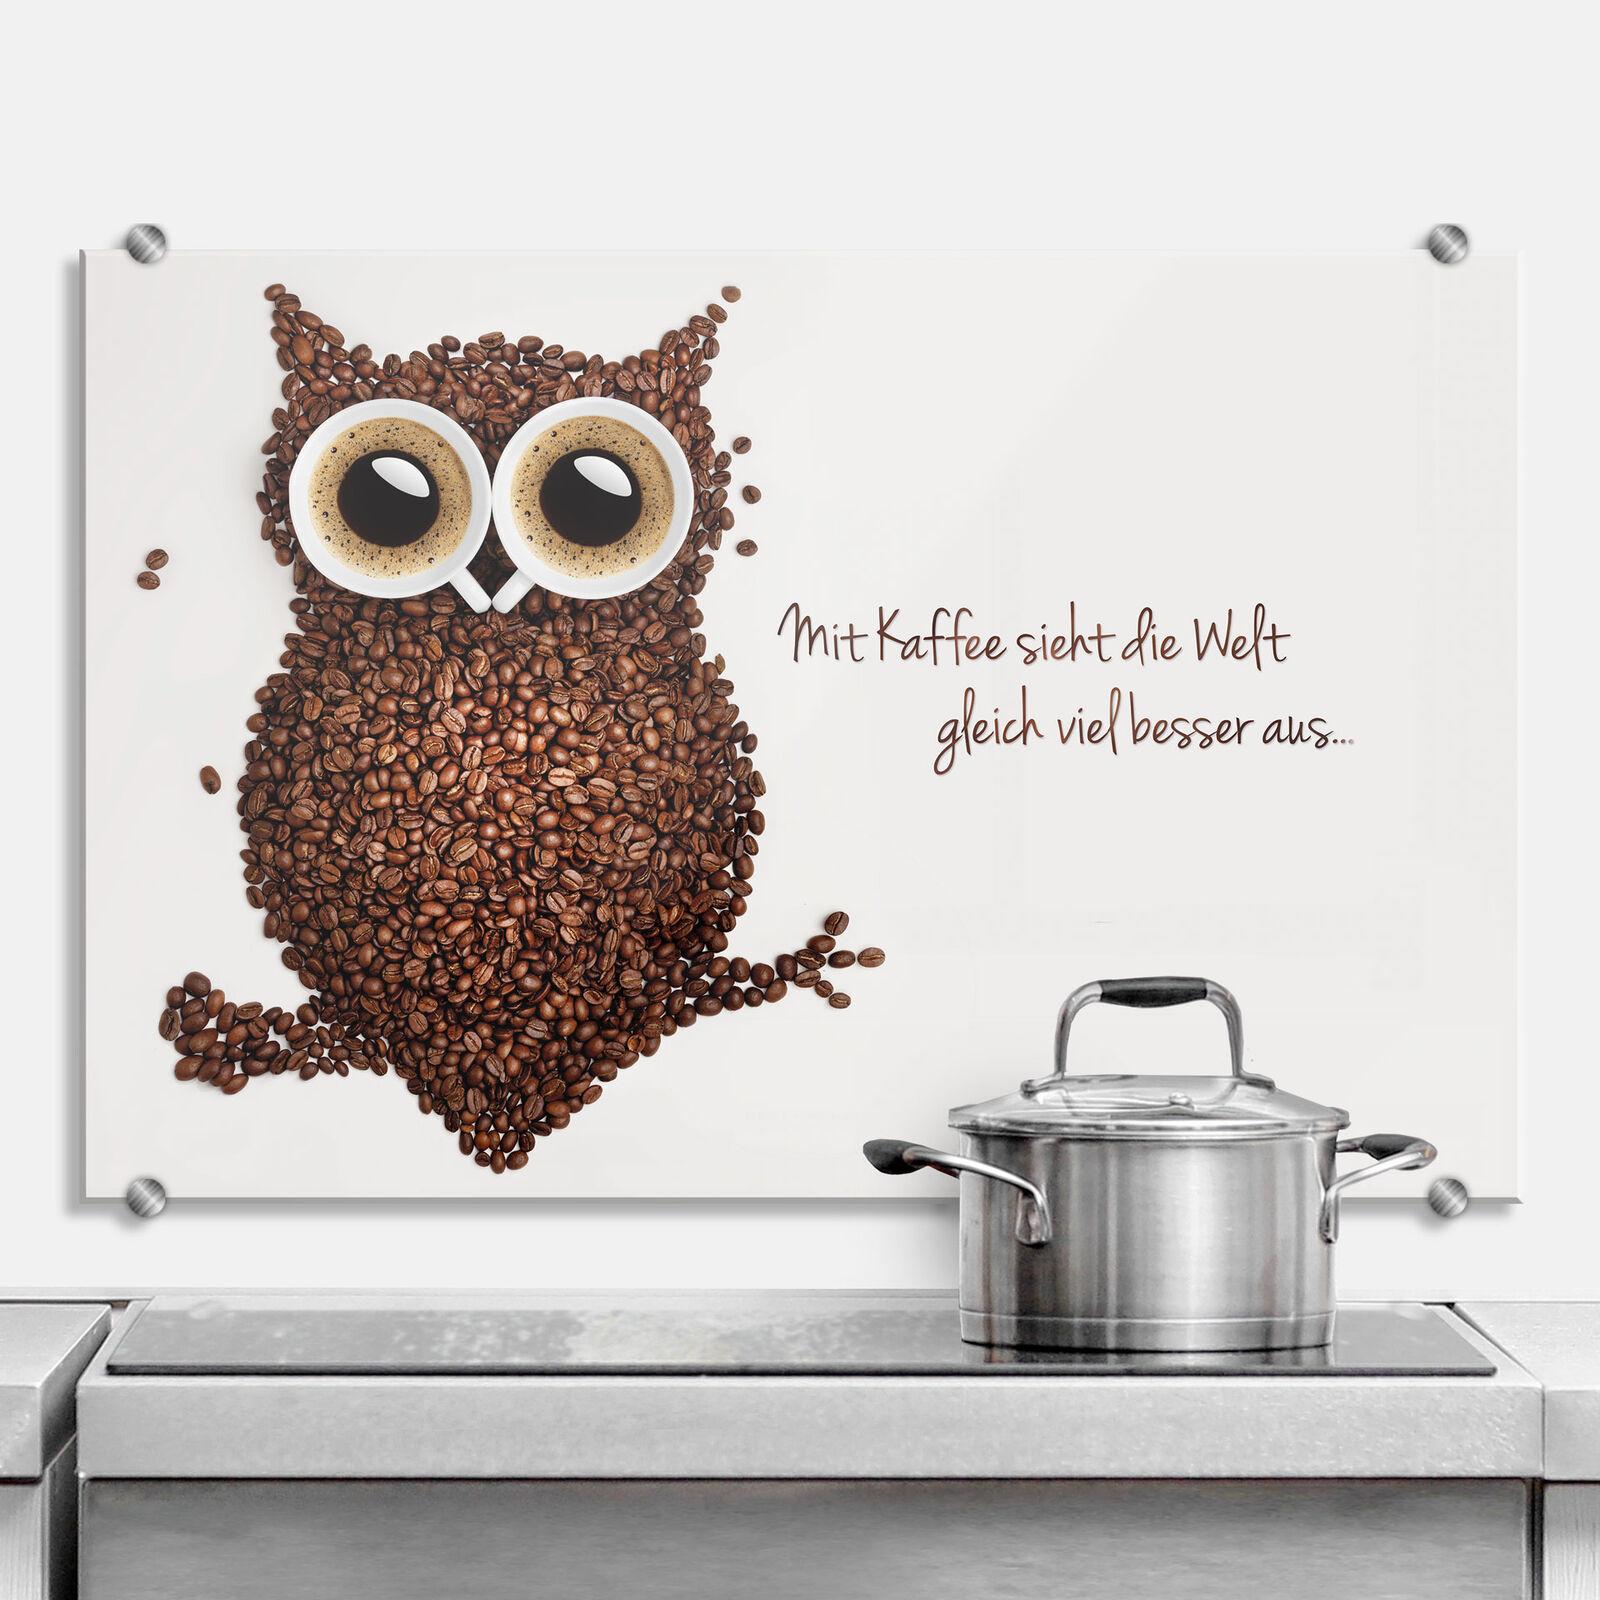 Glas Küchenrückwand Mit Kaffee sieht die Welt gleich viel besser aus braun